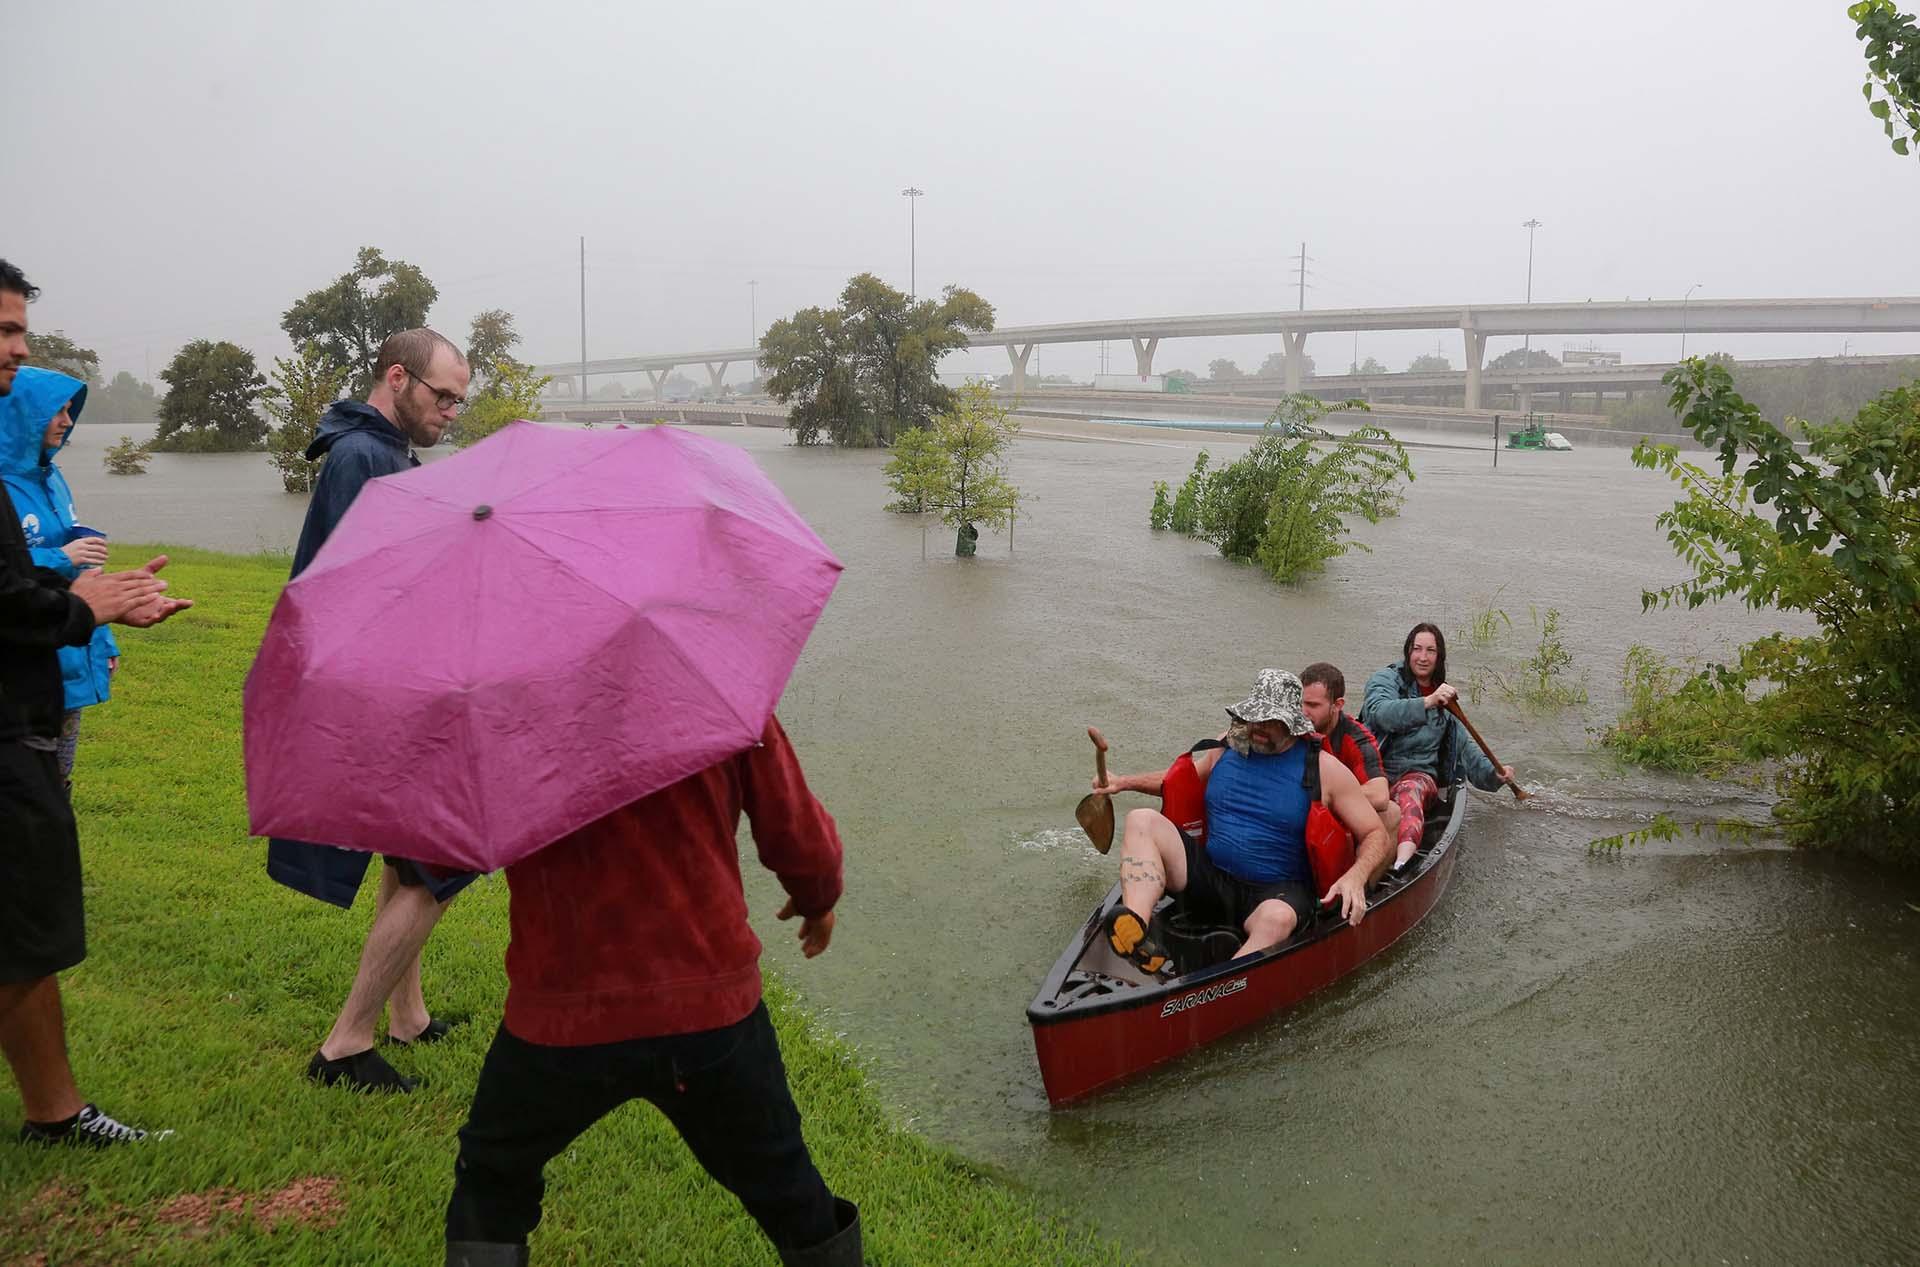 Otro también utilizan kayaks para movilziarse (REUTERS)